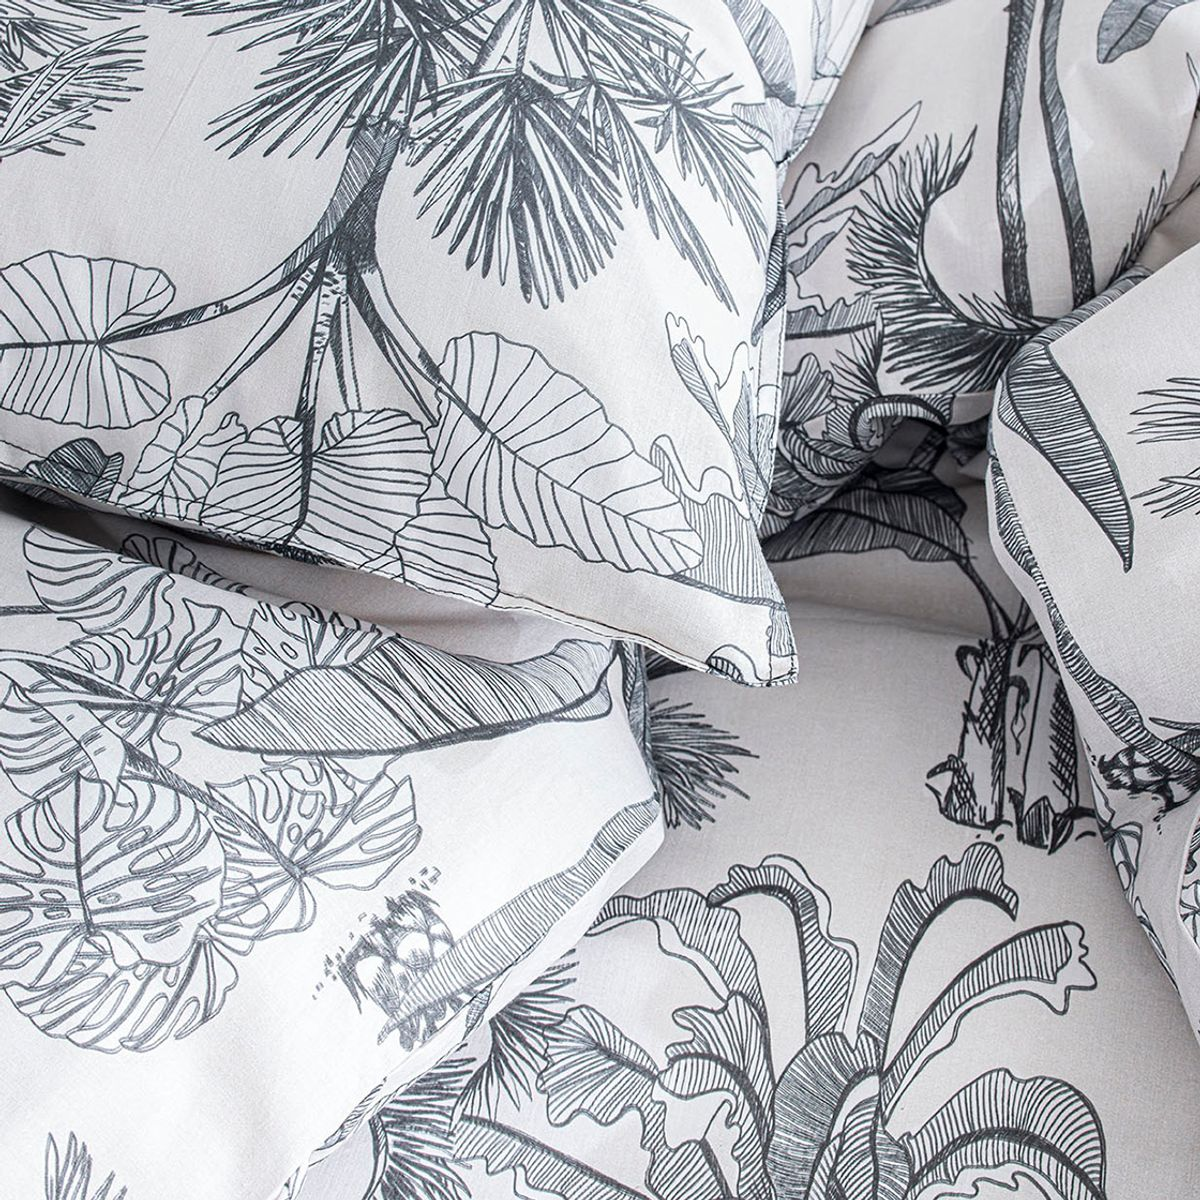 Housse de couette + taies tropicale N&B 220x240 cm